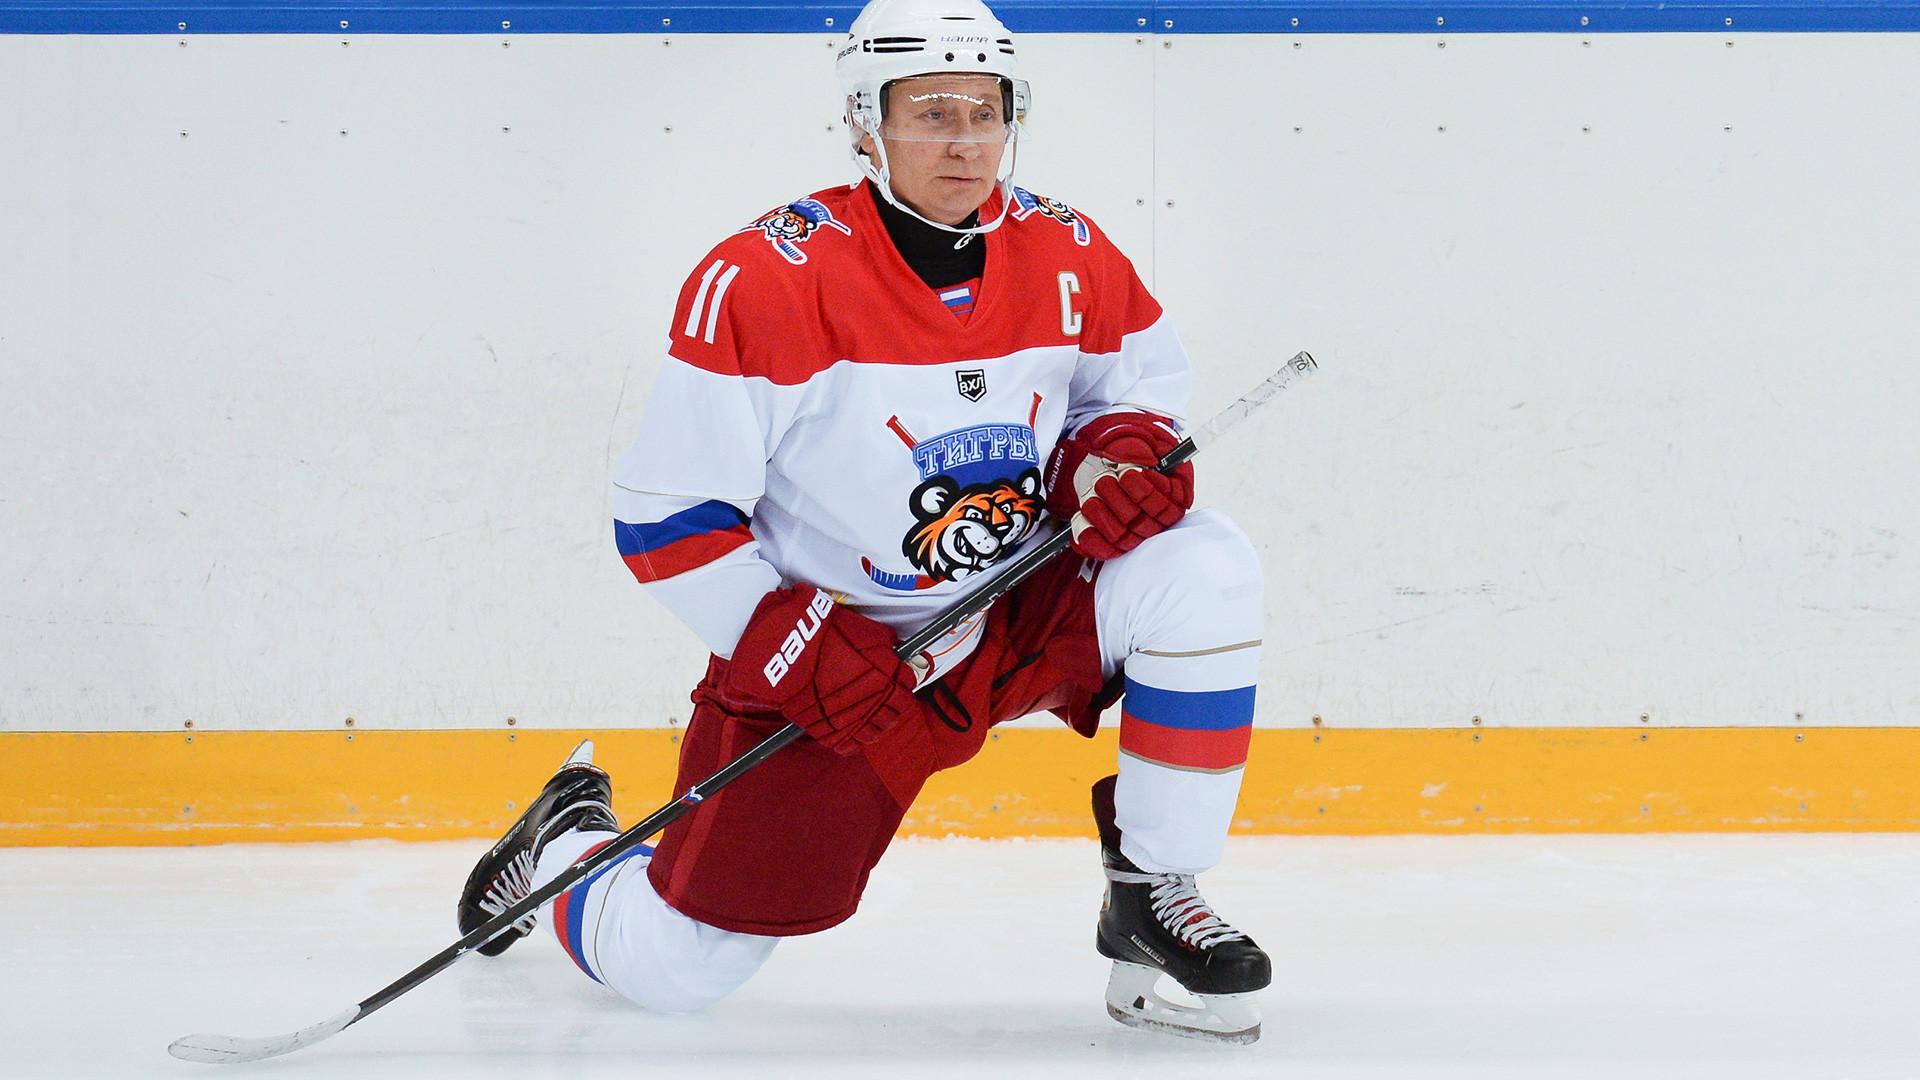 ウラジーミル・プーチンは近年アイスホッケーをしてメディアを騒がせている。